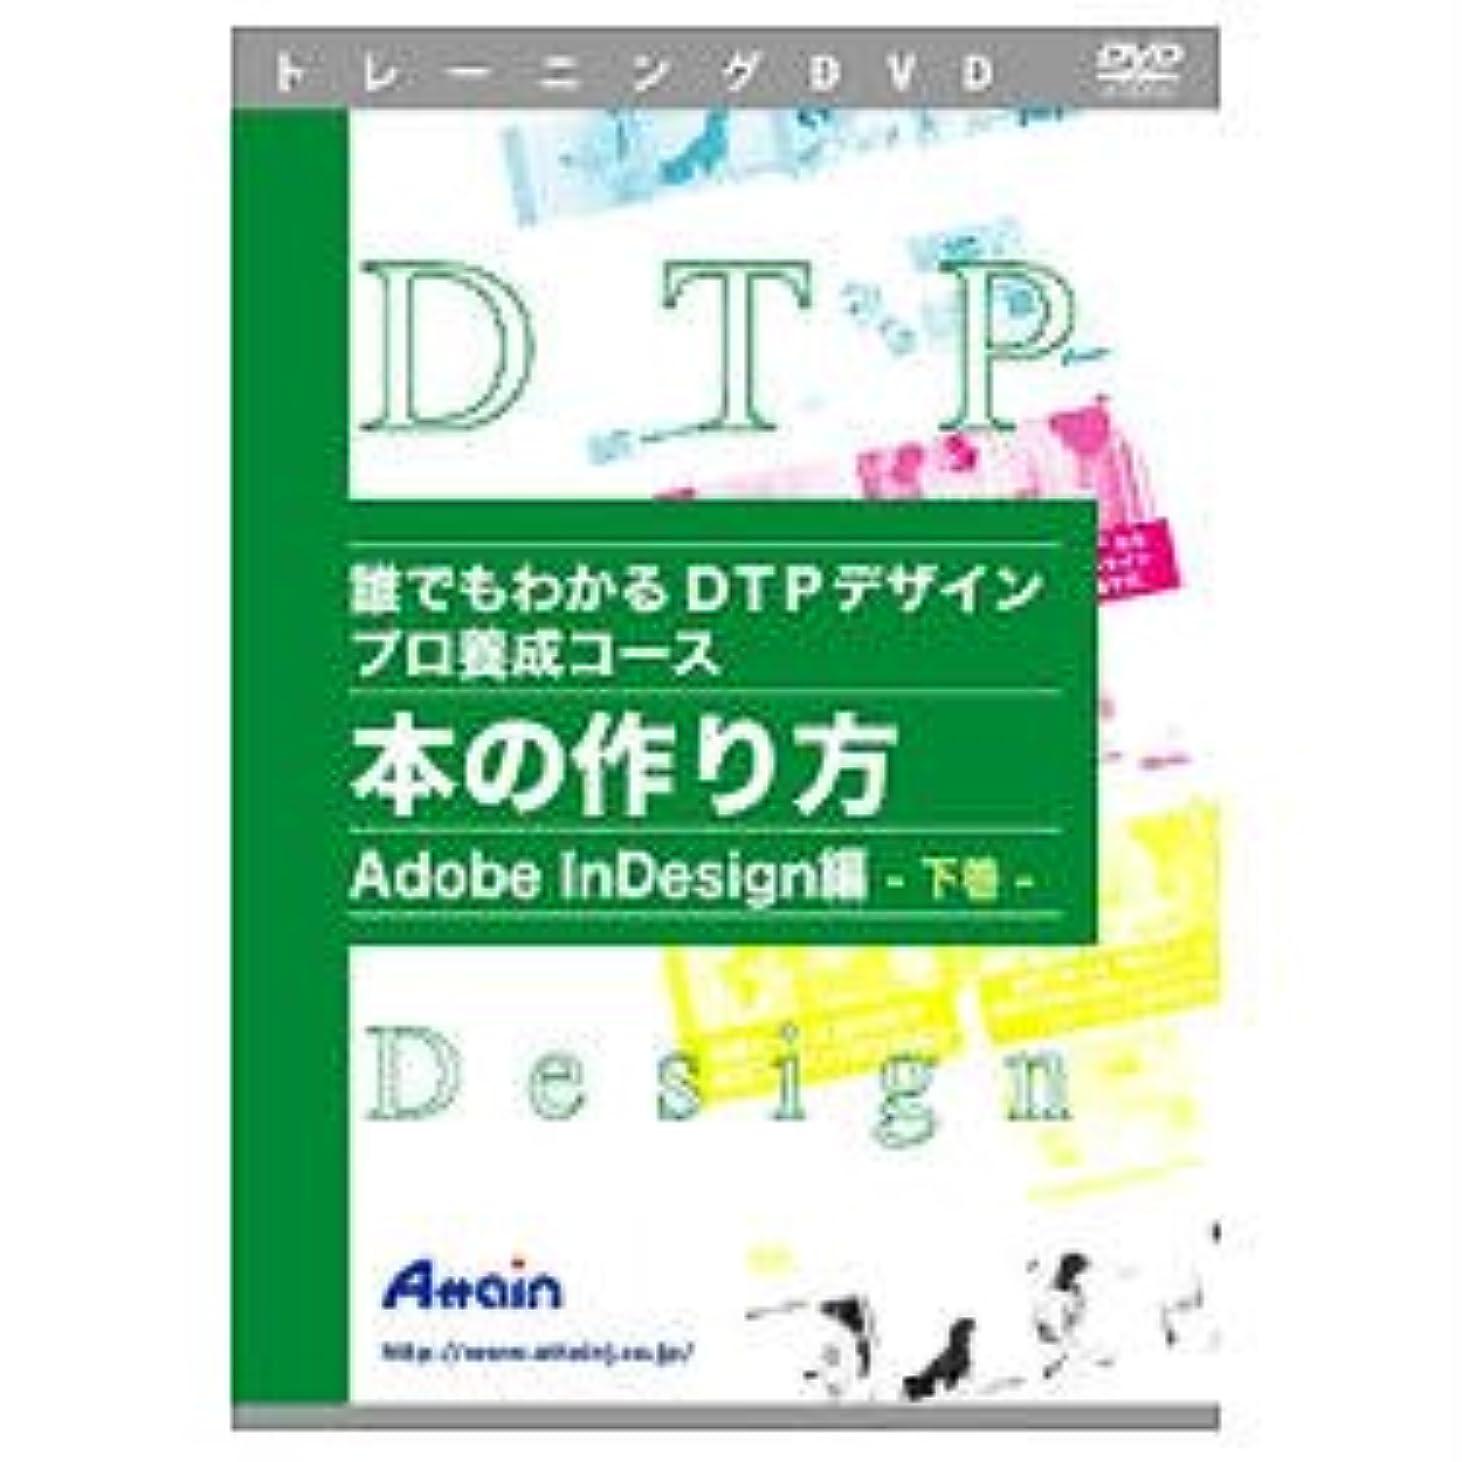 資産平行暴君DTPデザインプロ養成 本の作り方 InDesign下